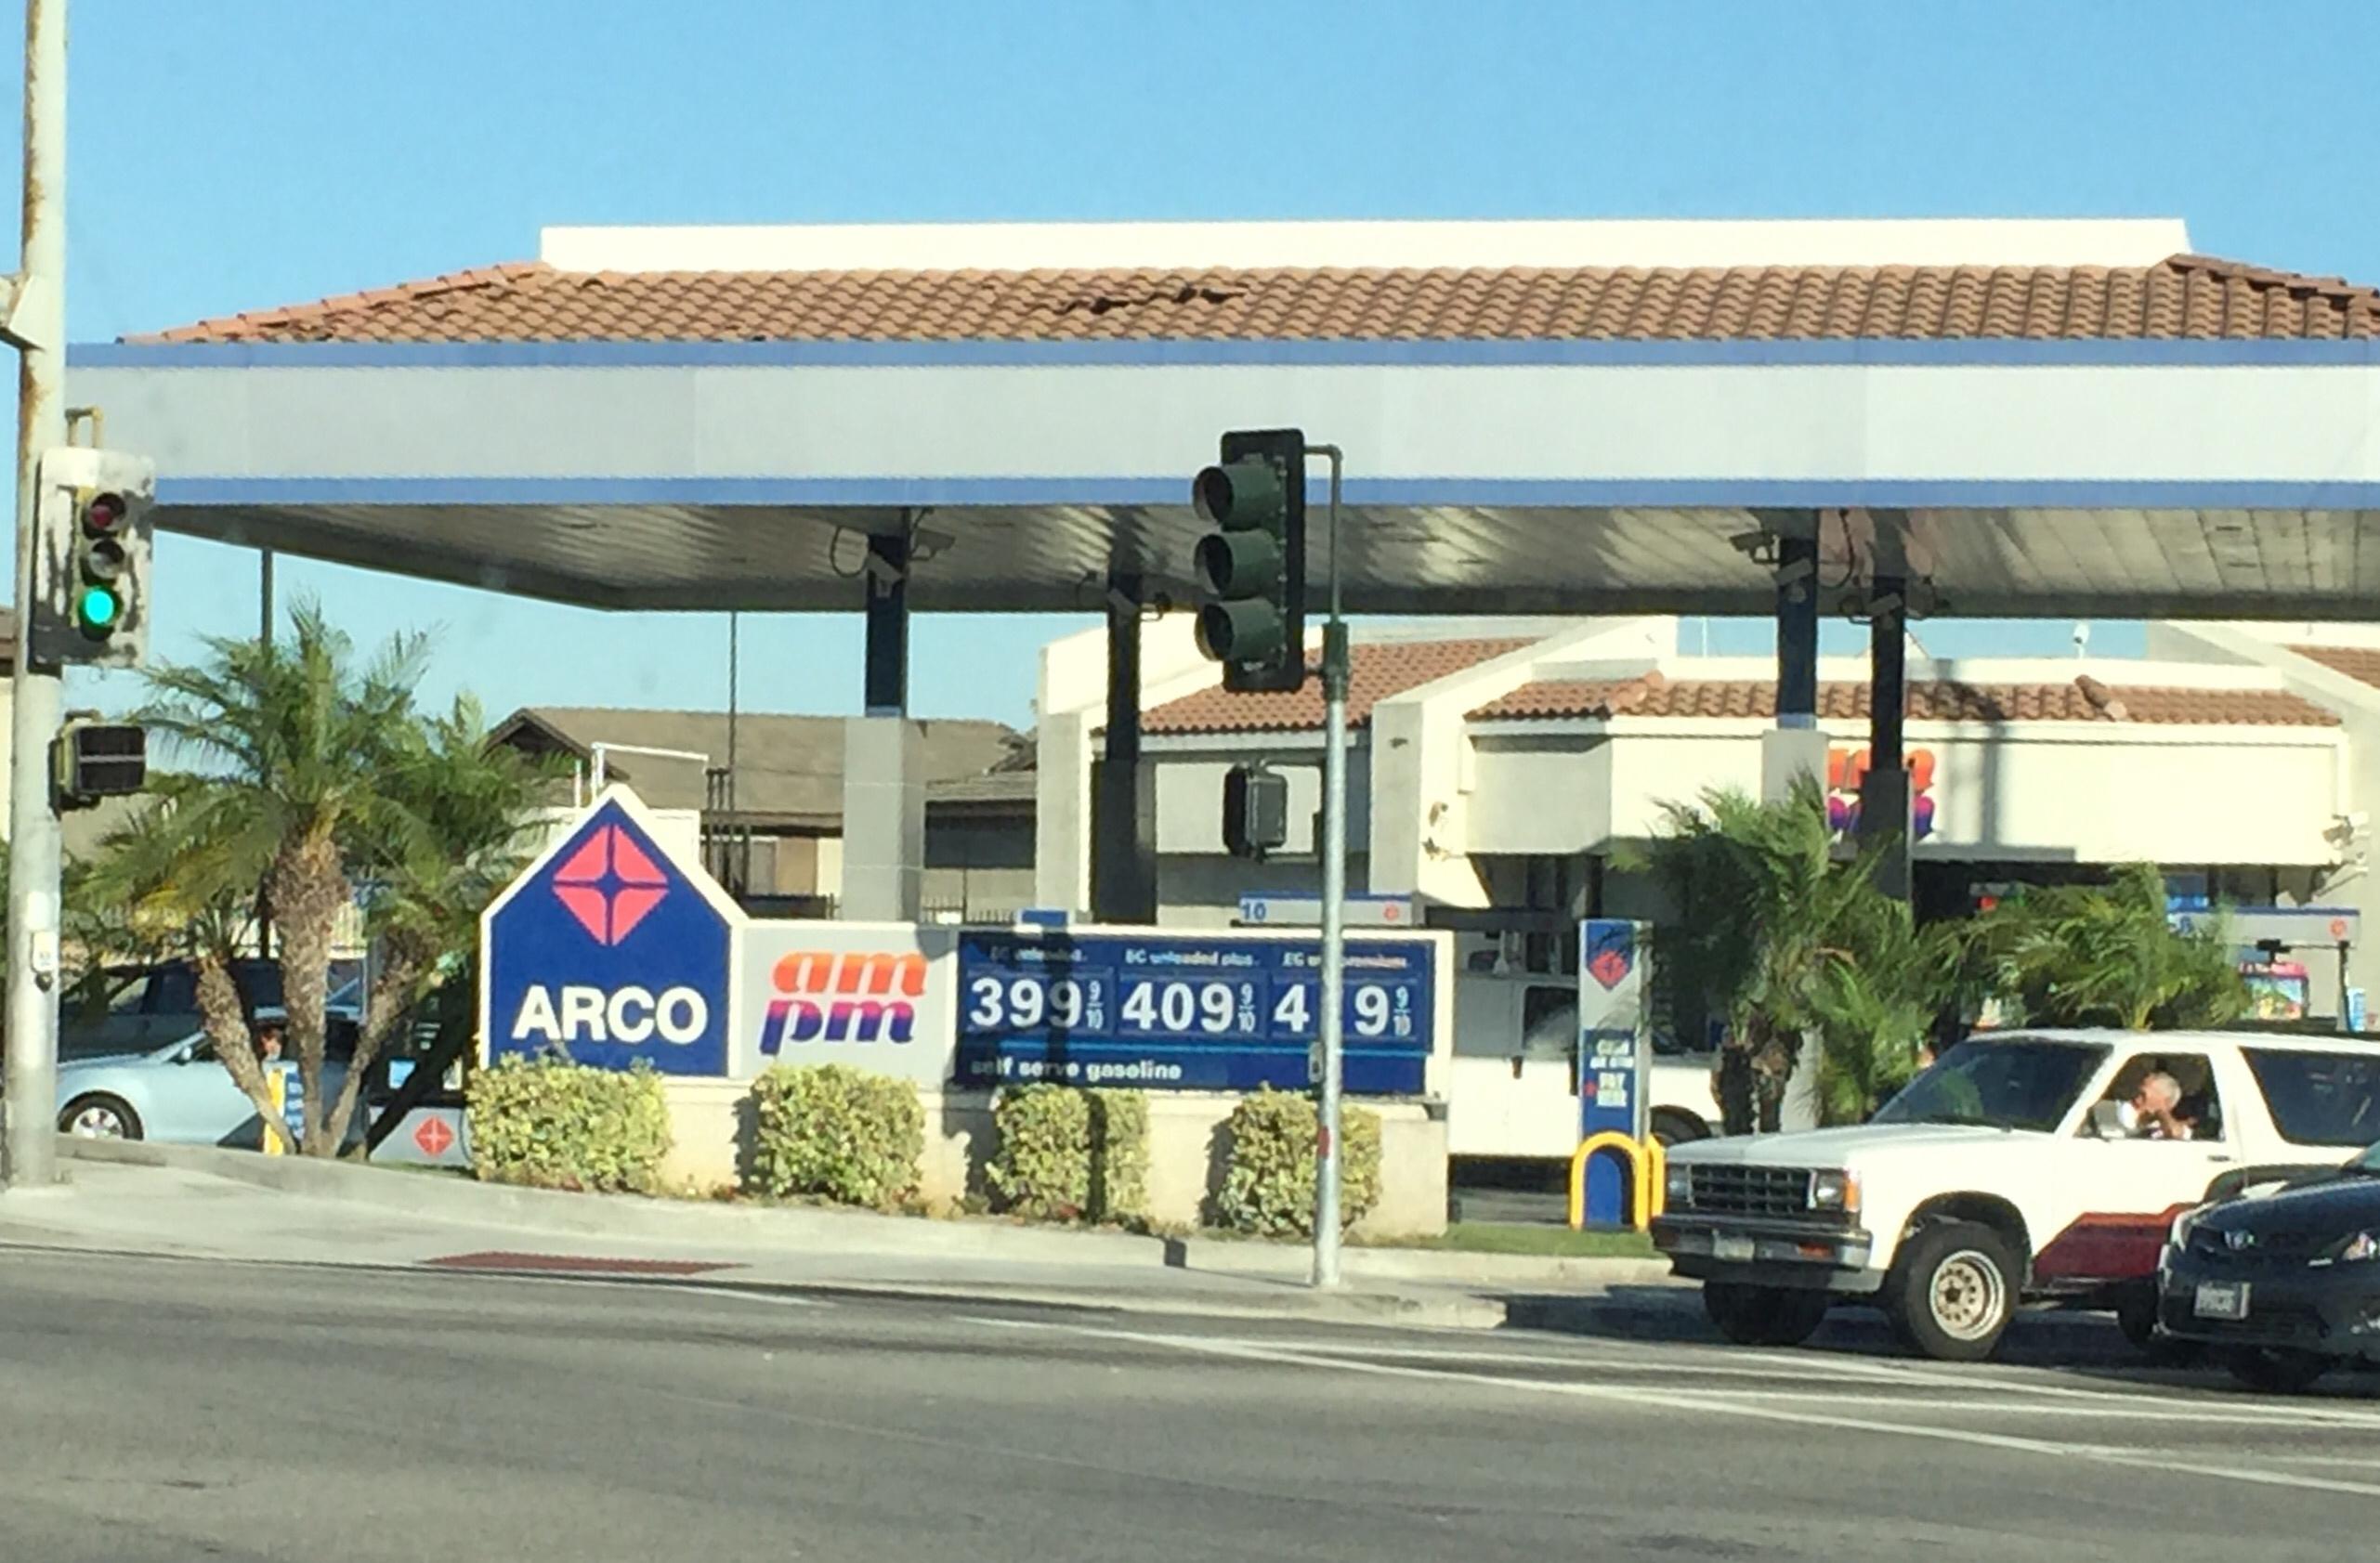 ARCO 902 Huntington Dr, Duarte, CA 91010 - YP.com